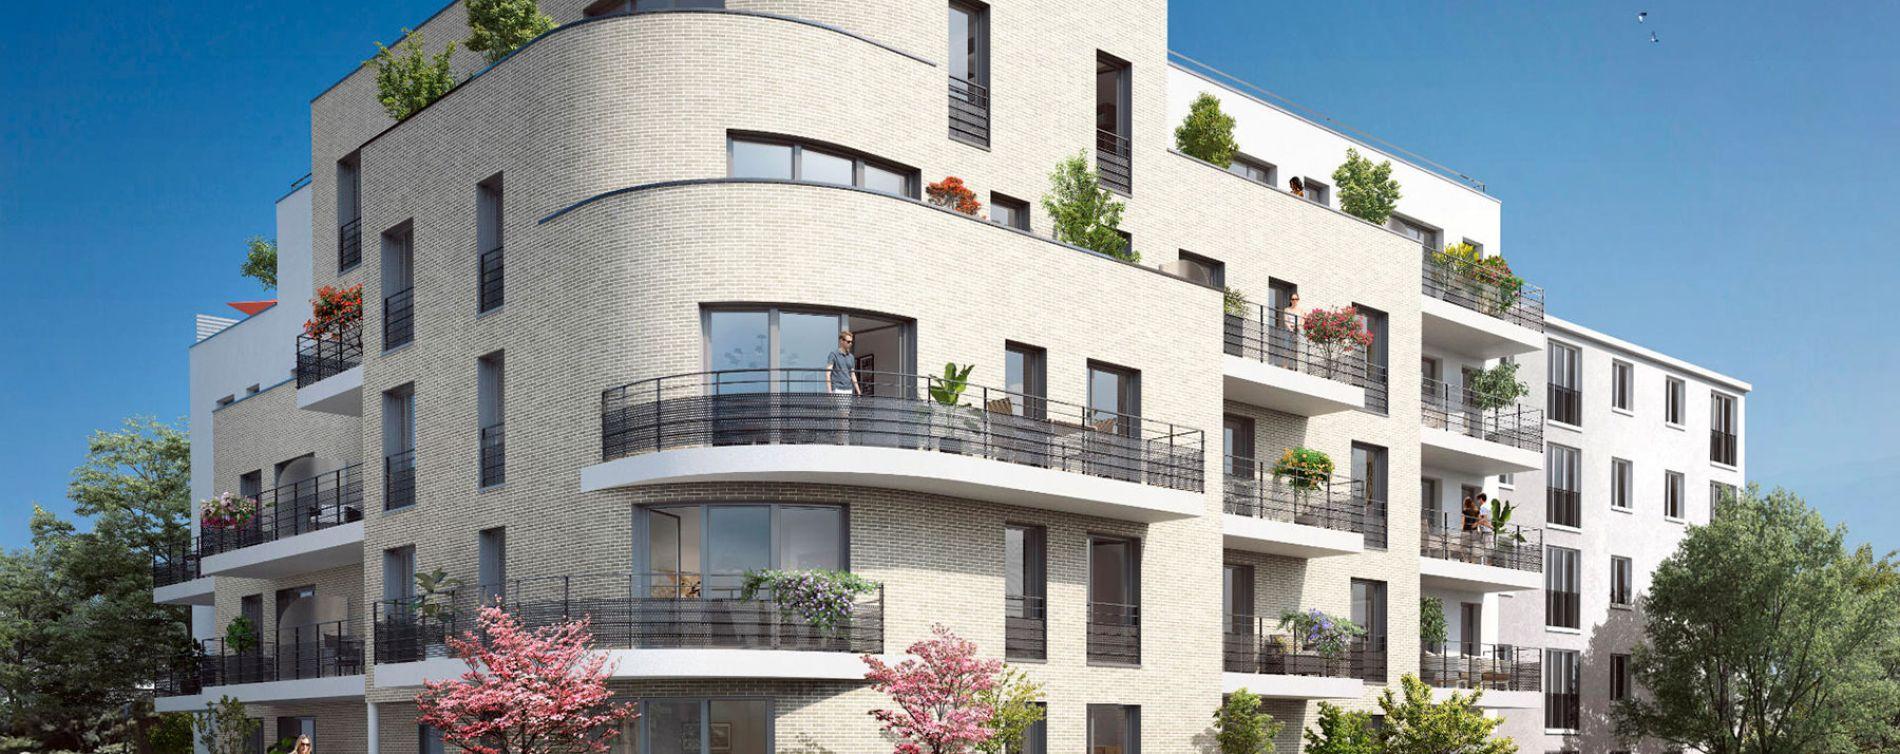 Neuilly-Plaisance : programme immobilier neuve « Villa des Poètes »